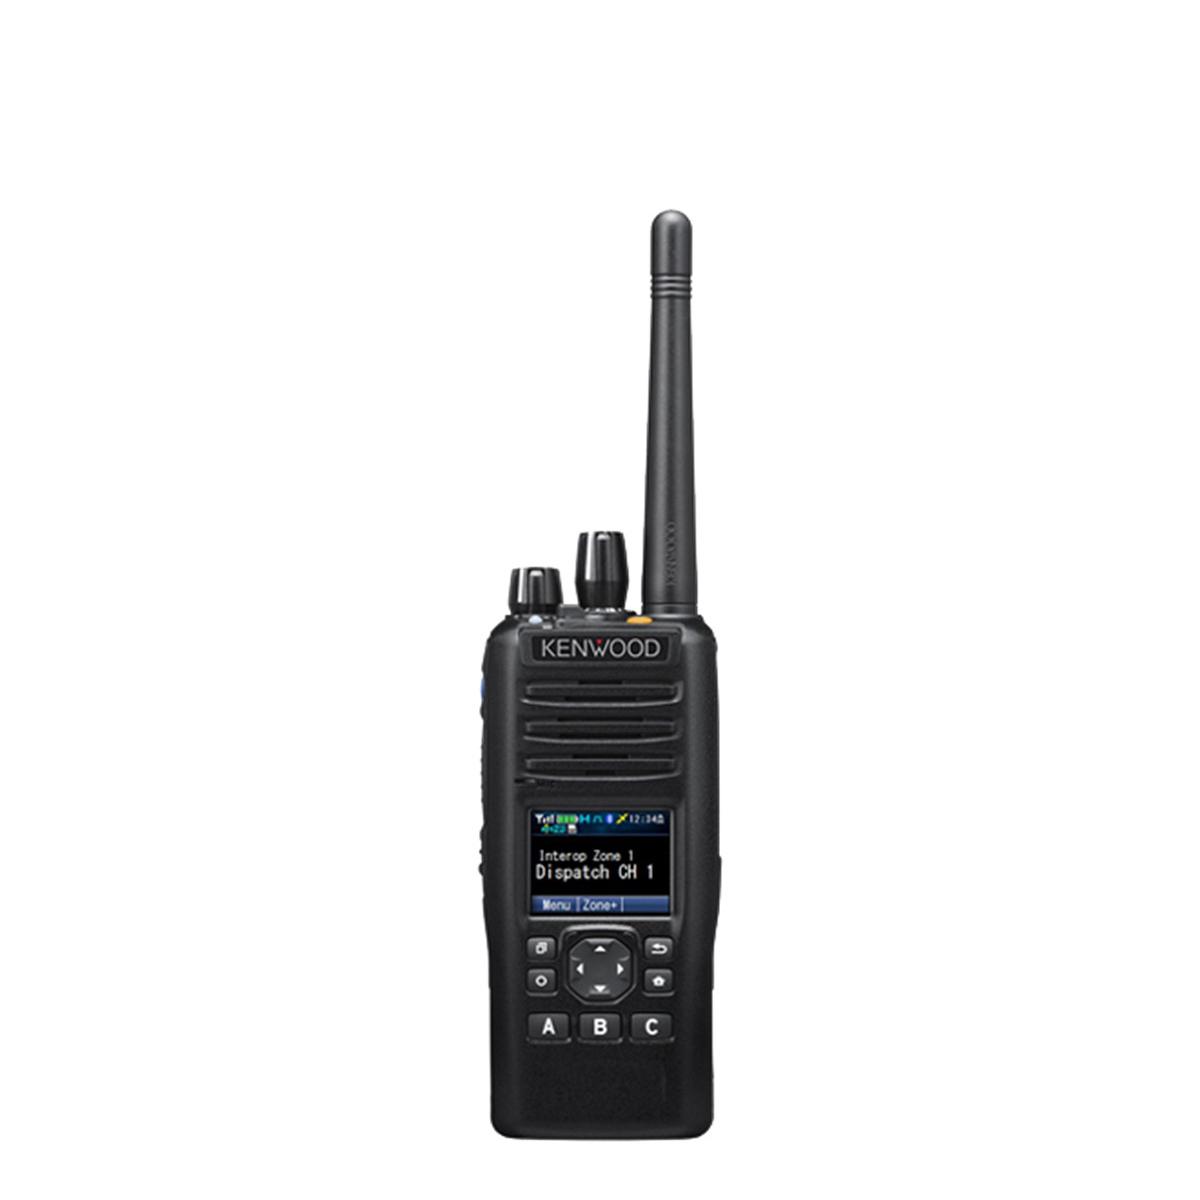 Radio Kenwood Digital NX-5400 700/800 MHz con teclado limitado